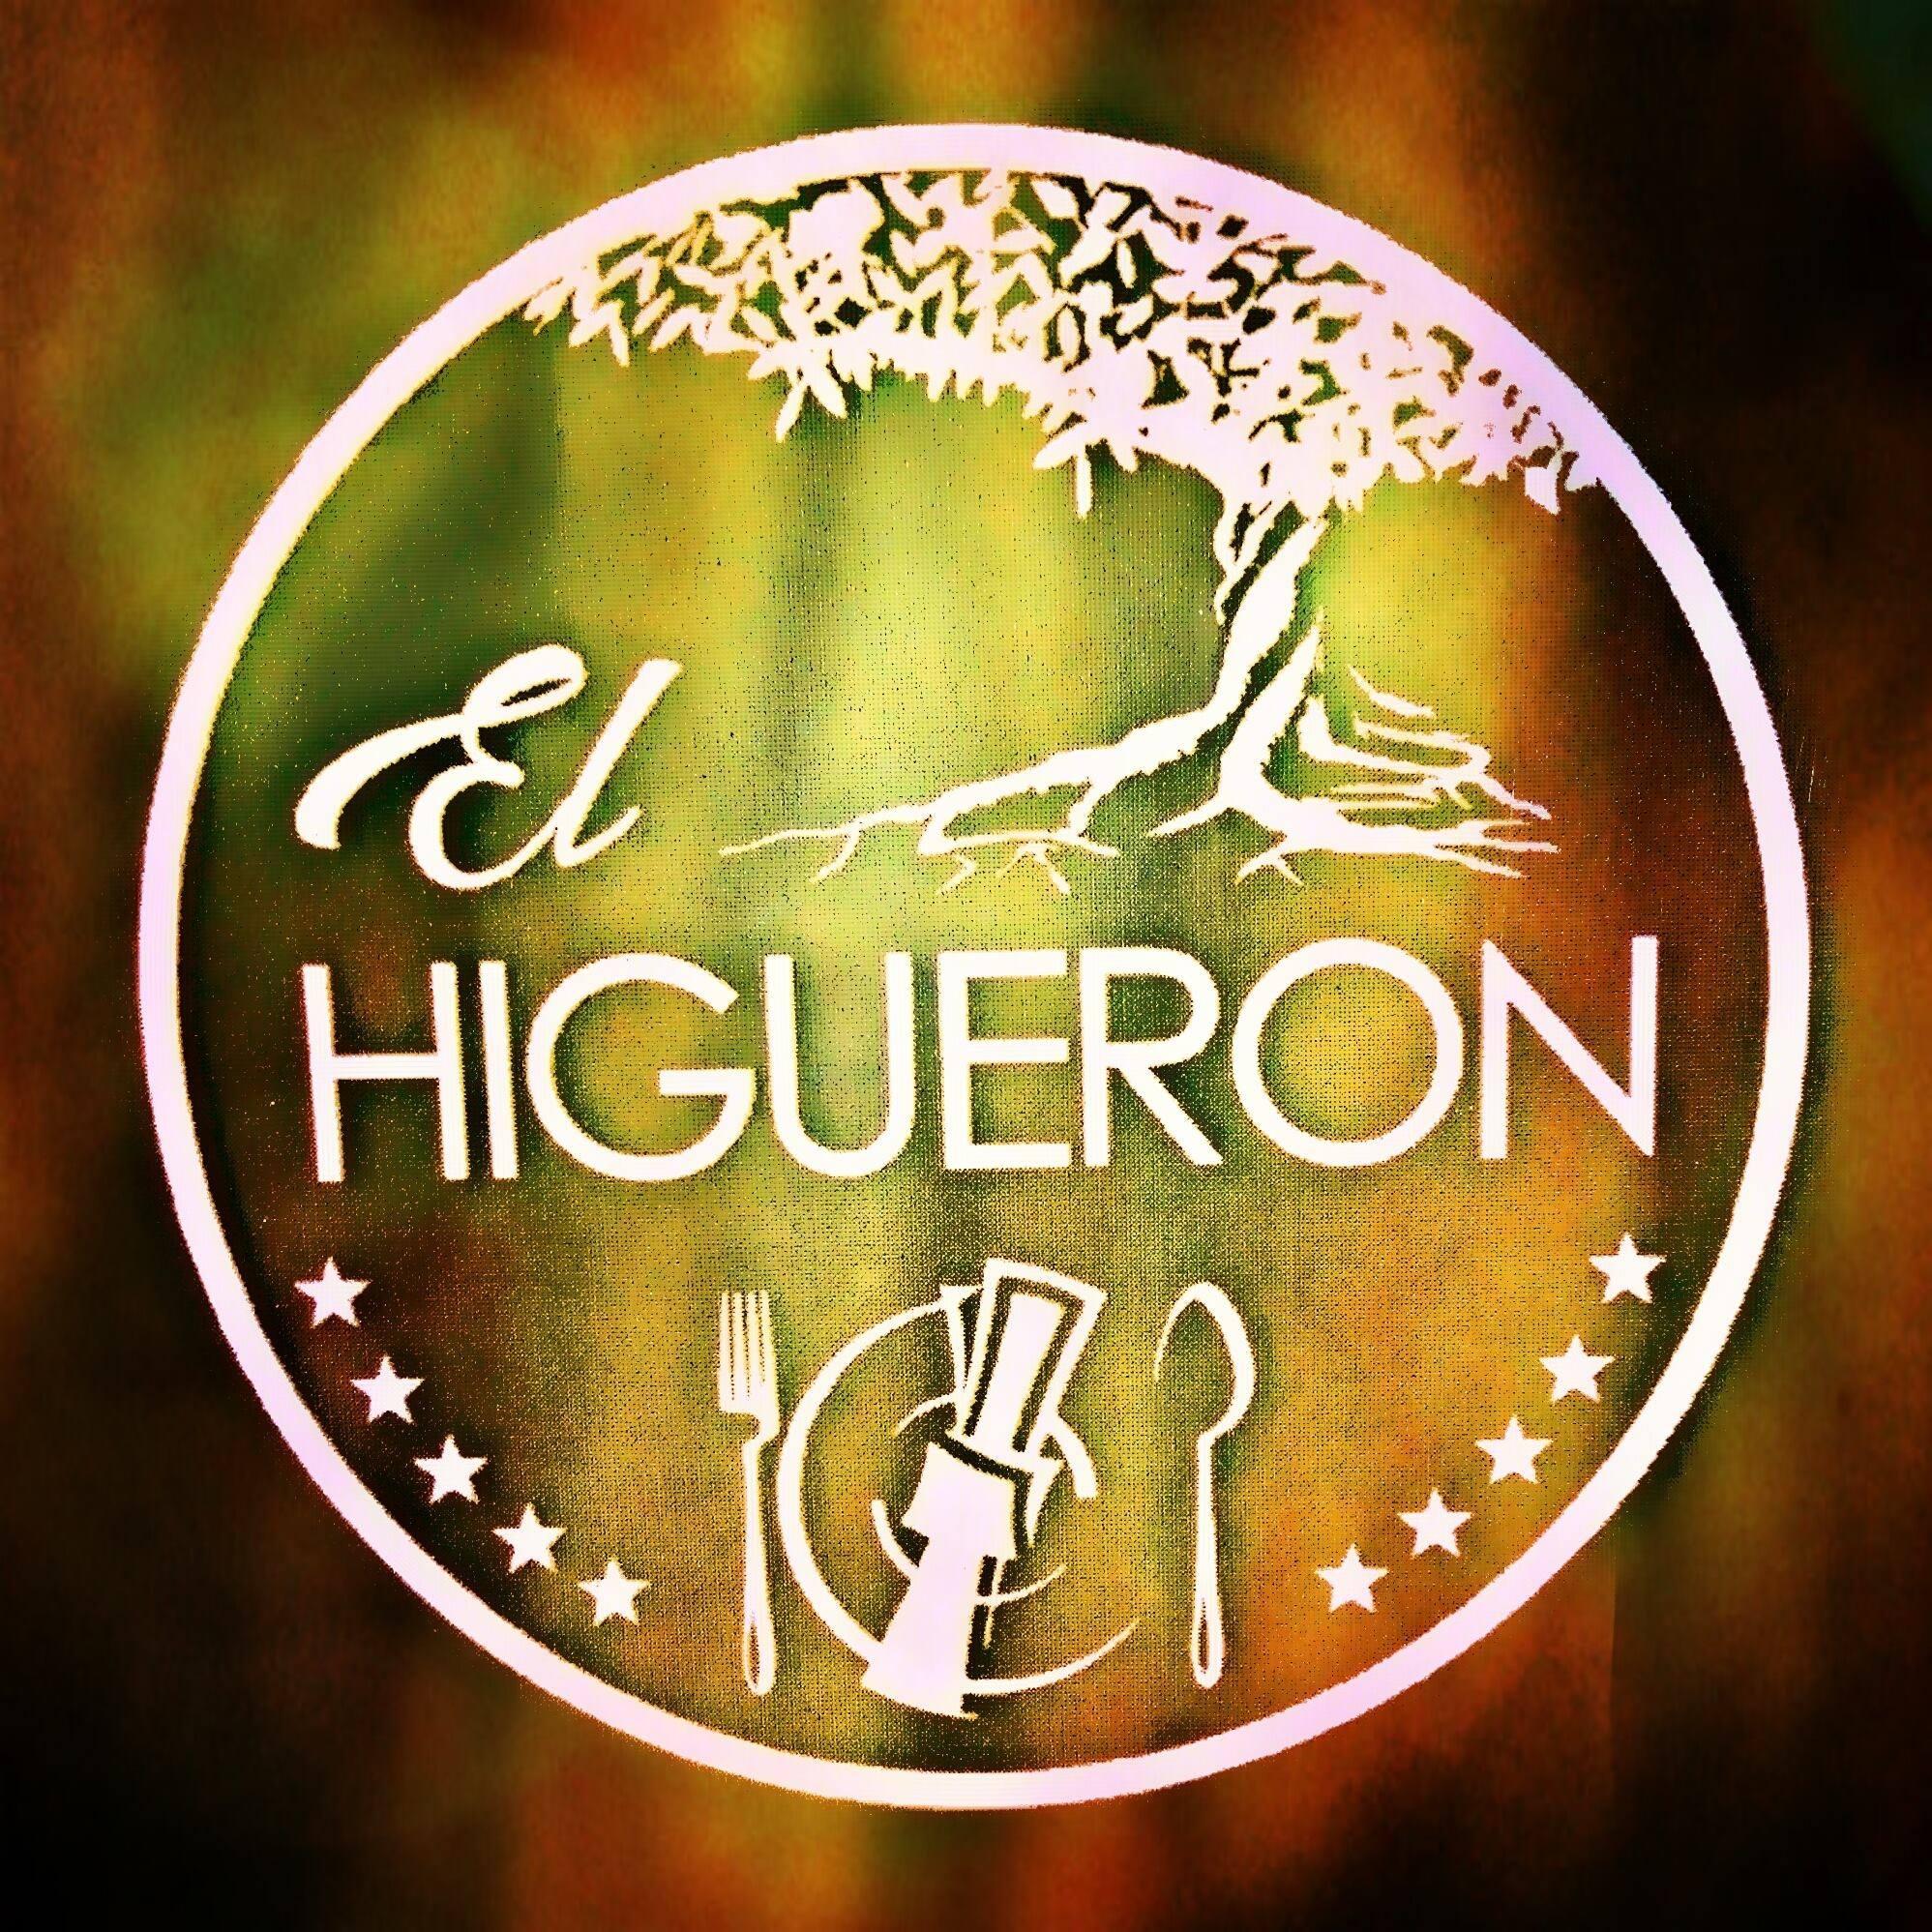 Soda el Higueron logo